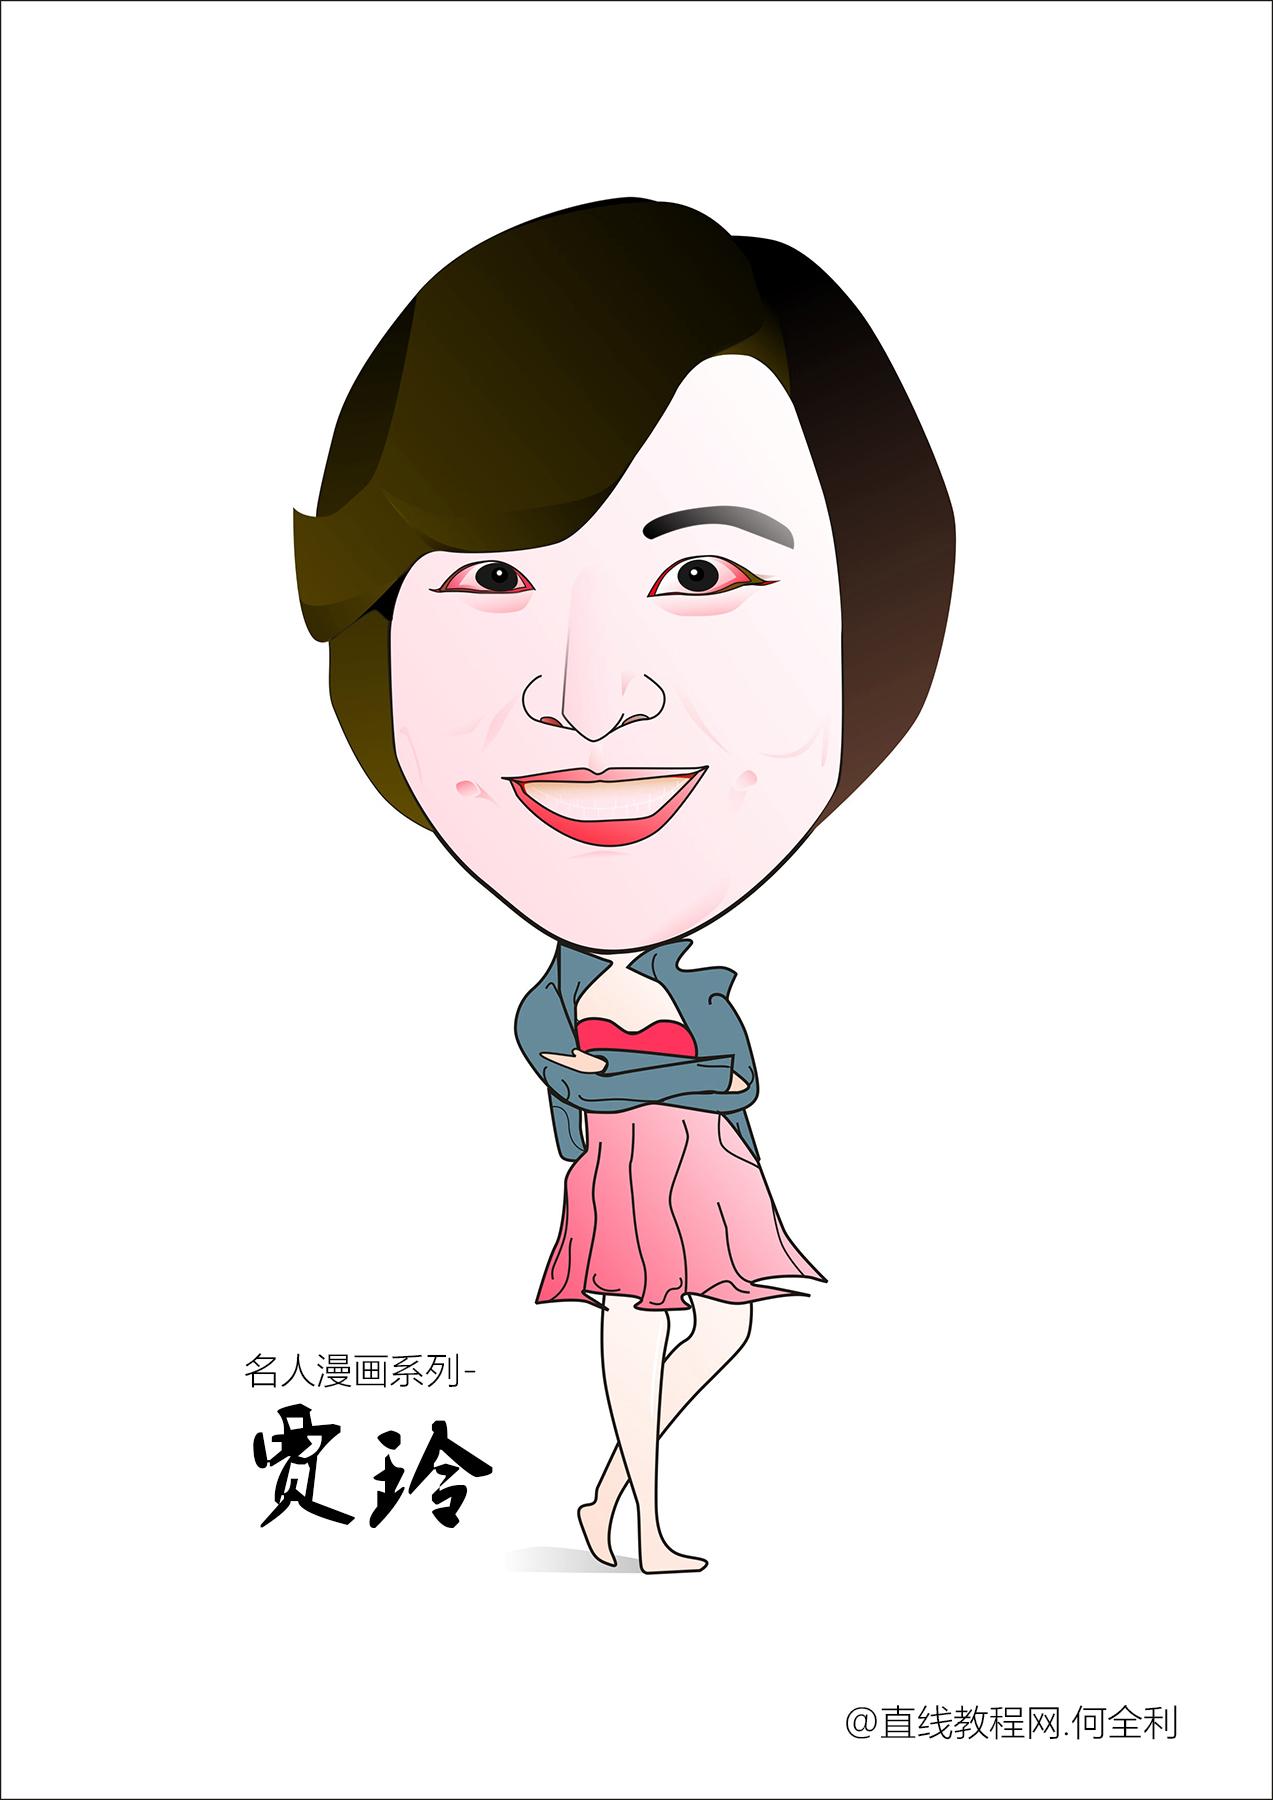 漫画作品系列之贾玲_何全利明星器漫画下载吞图片